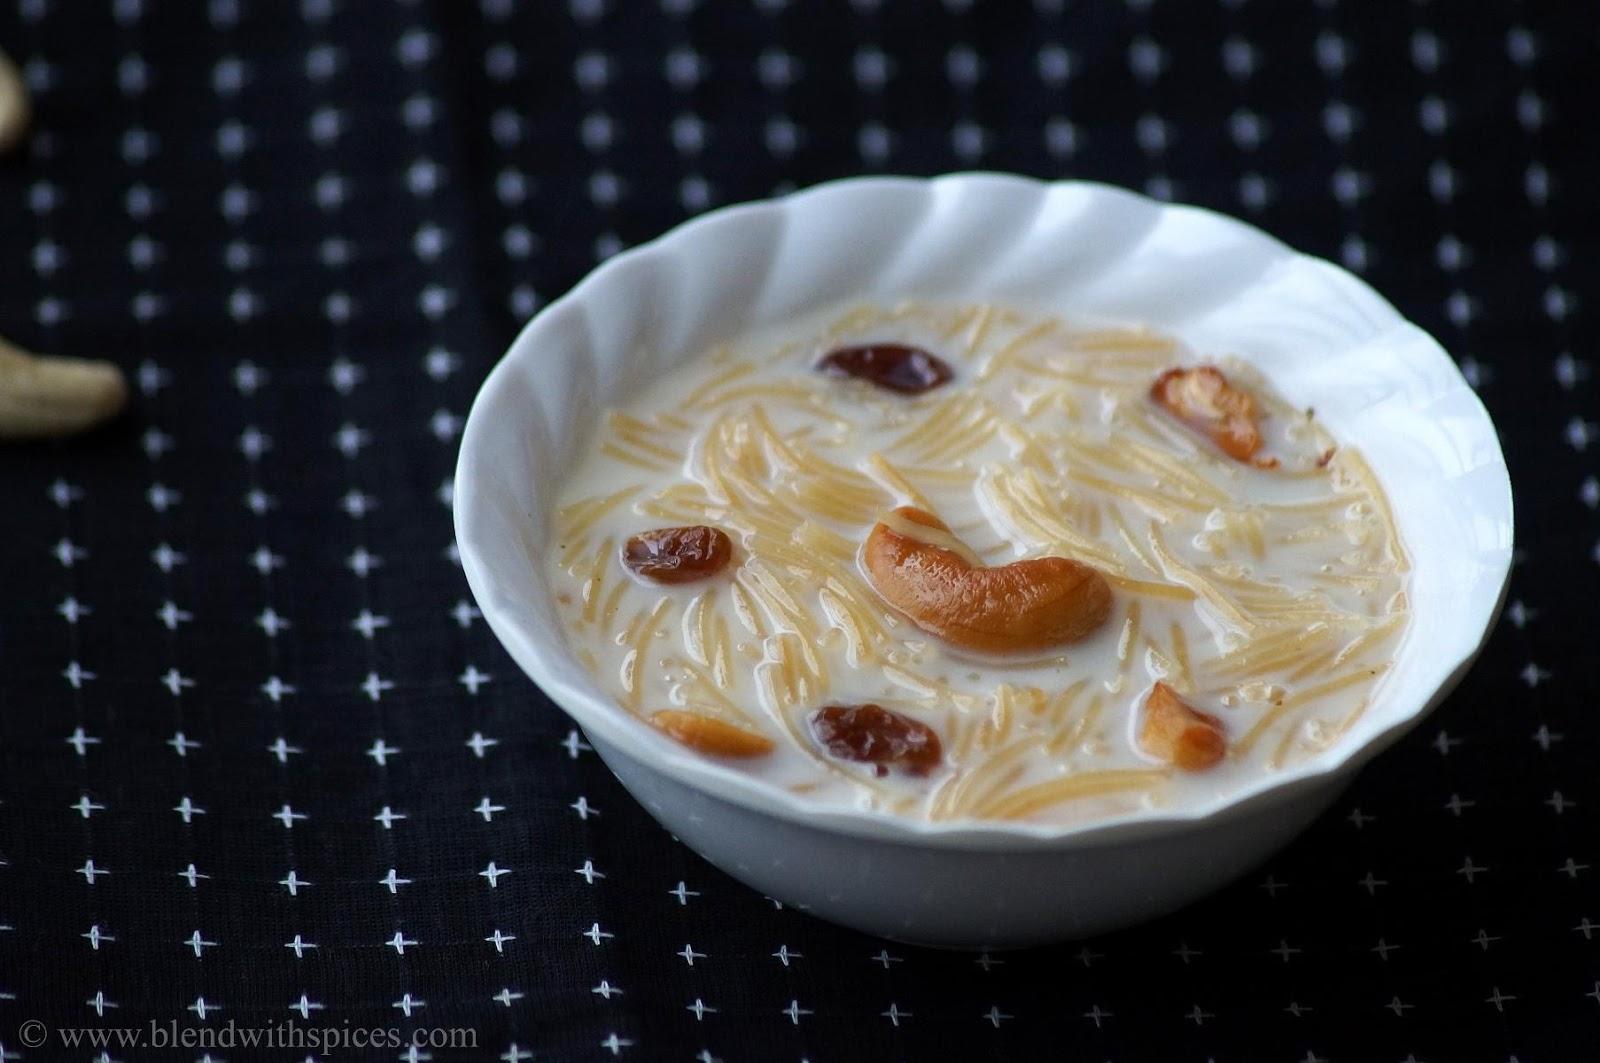 Vermicelli kheer (semiya/seviyan payasam) | The Veggie Indian